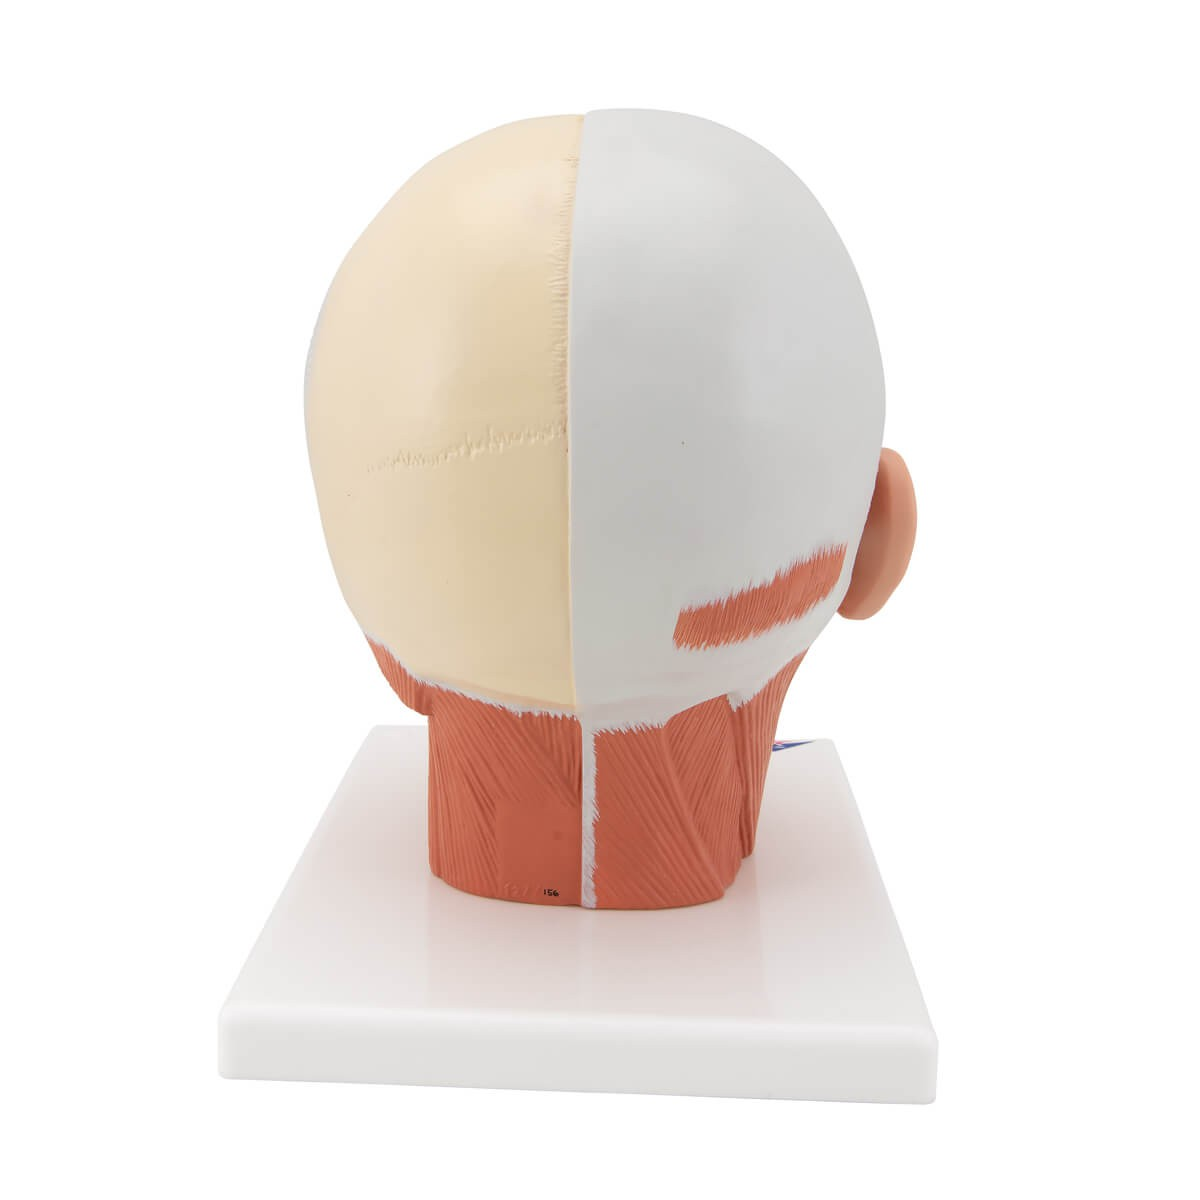 Musculatura Da Cabeça